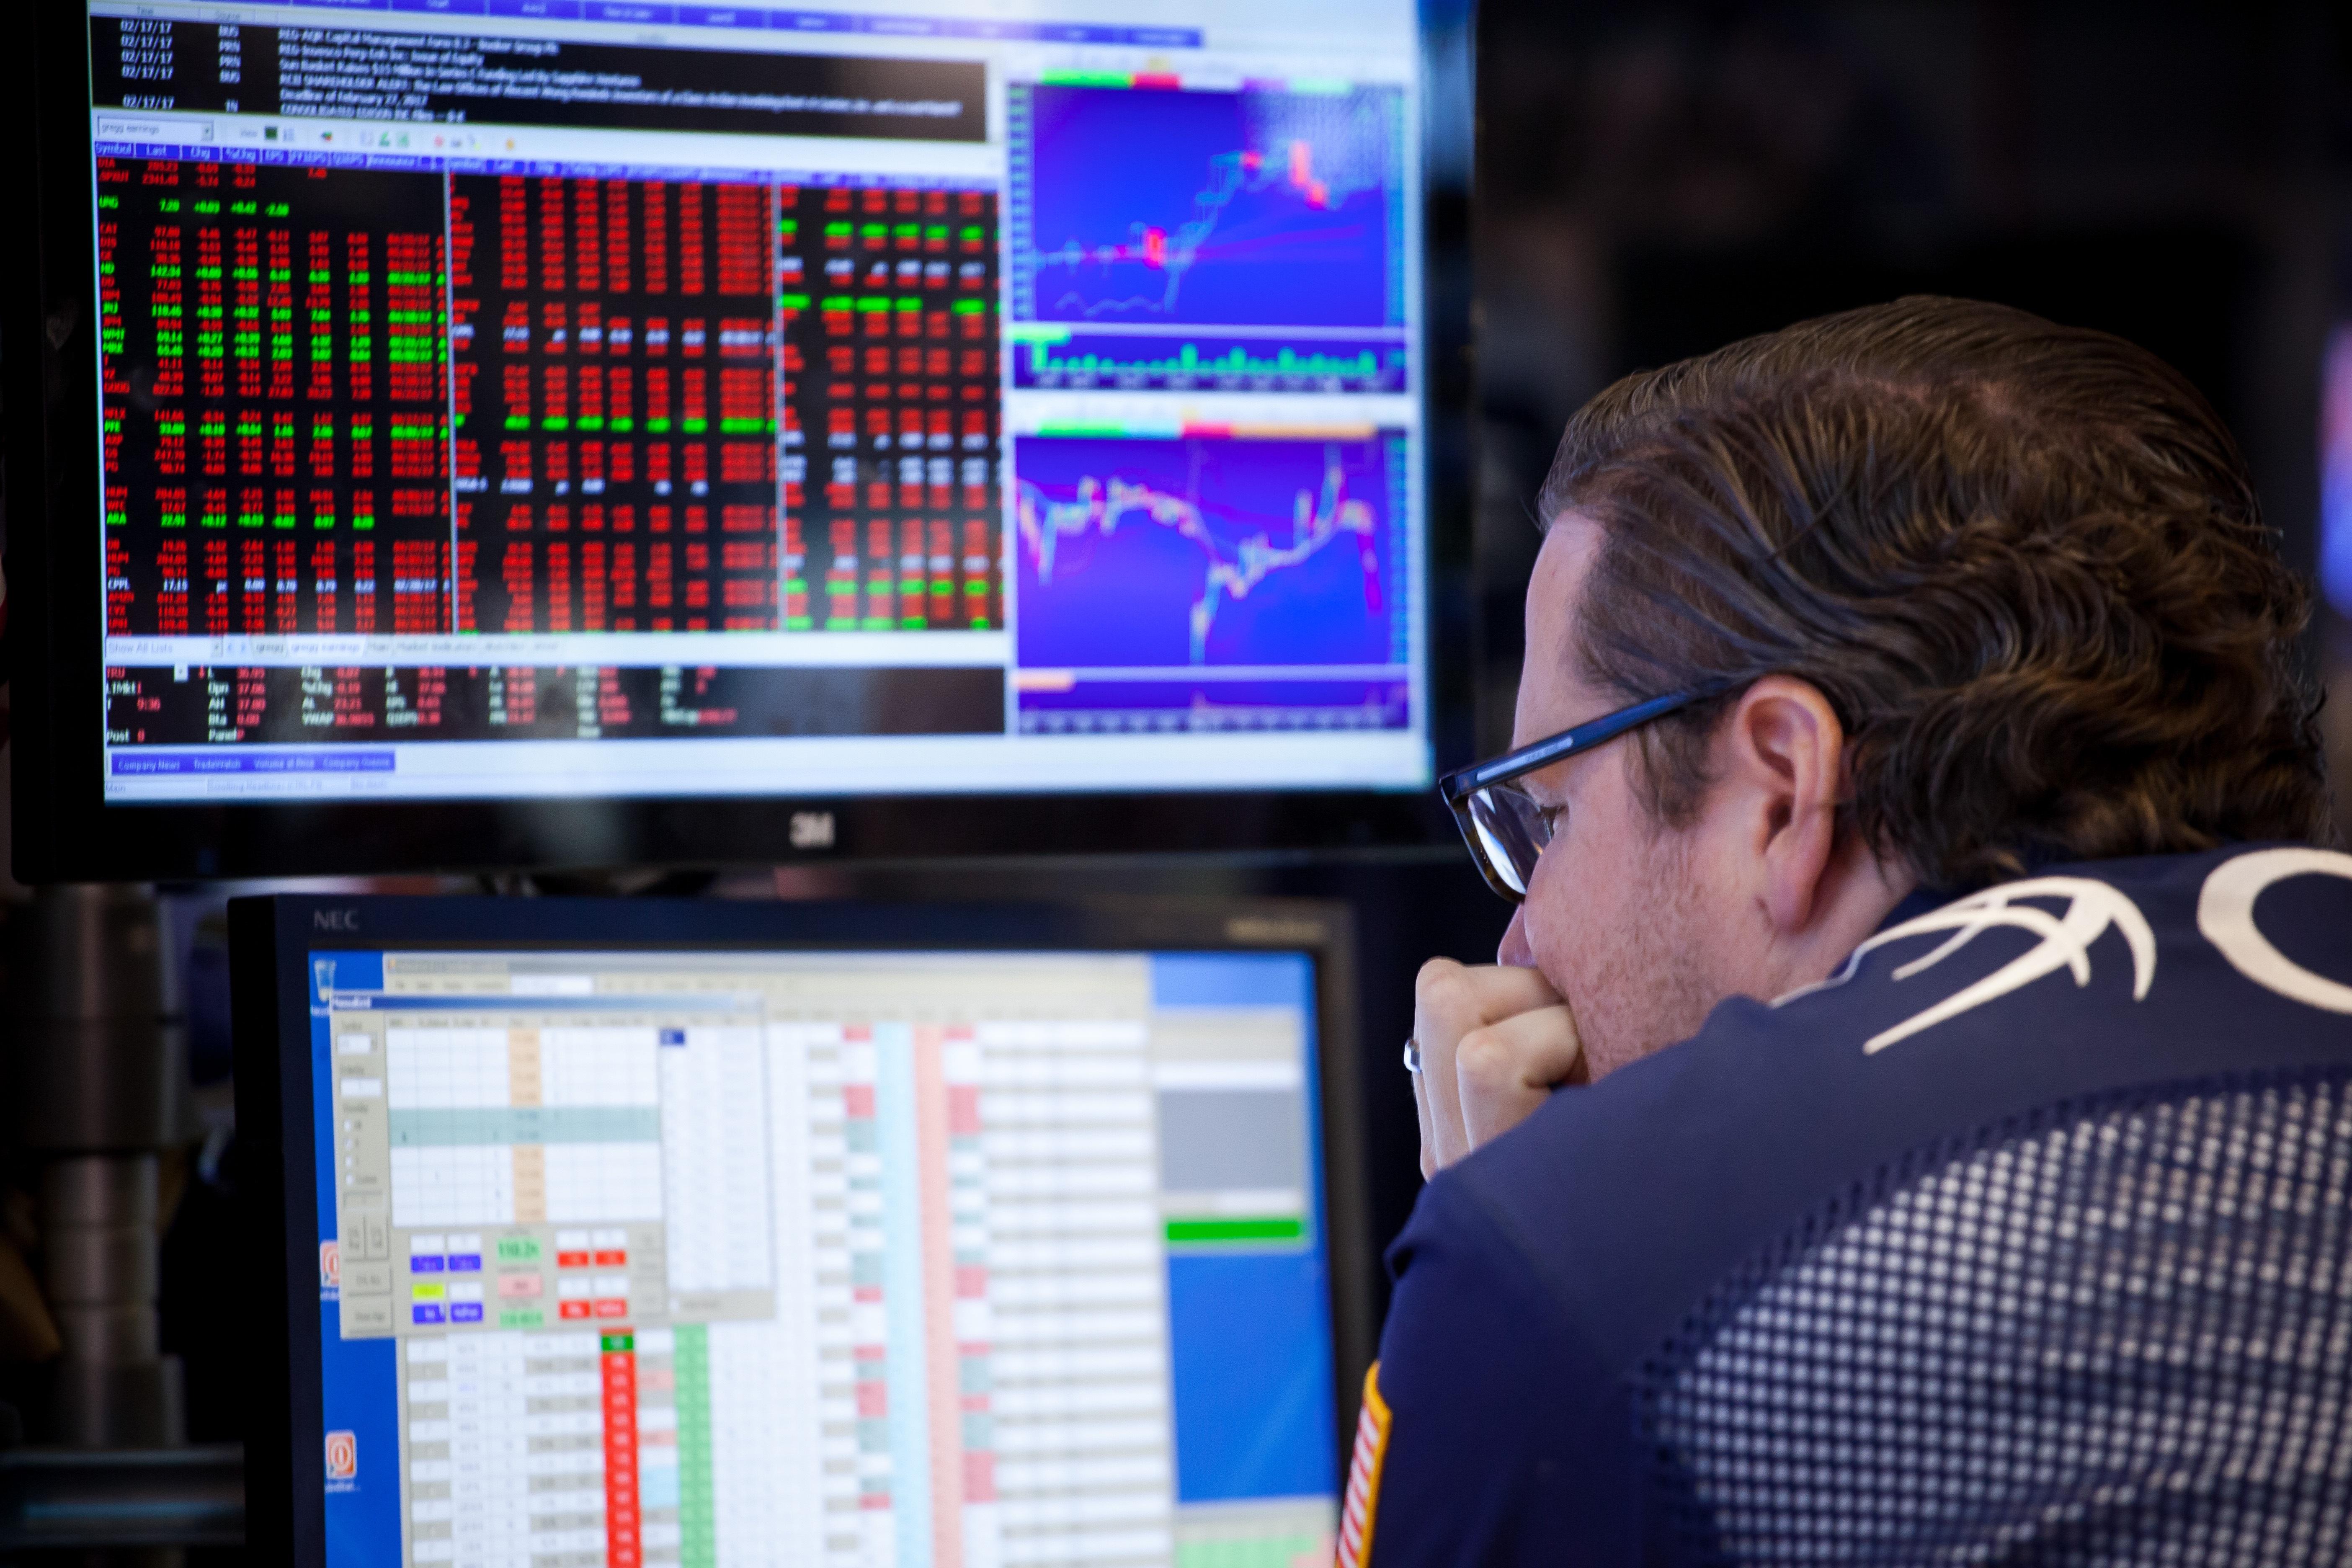 https://assets.sourcemedia.com/4e/54/3552422e4d5698b16efffd794e57/red-stocks.jpg